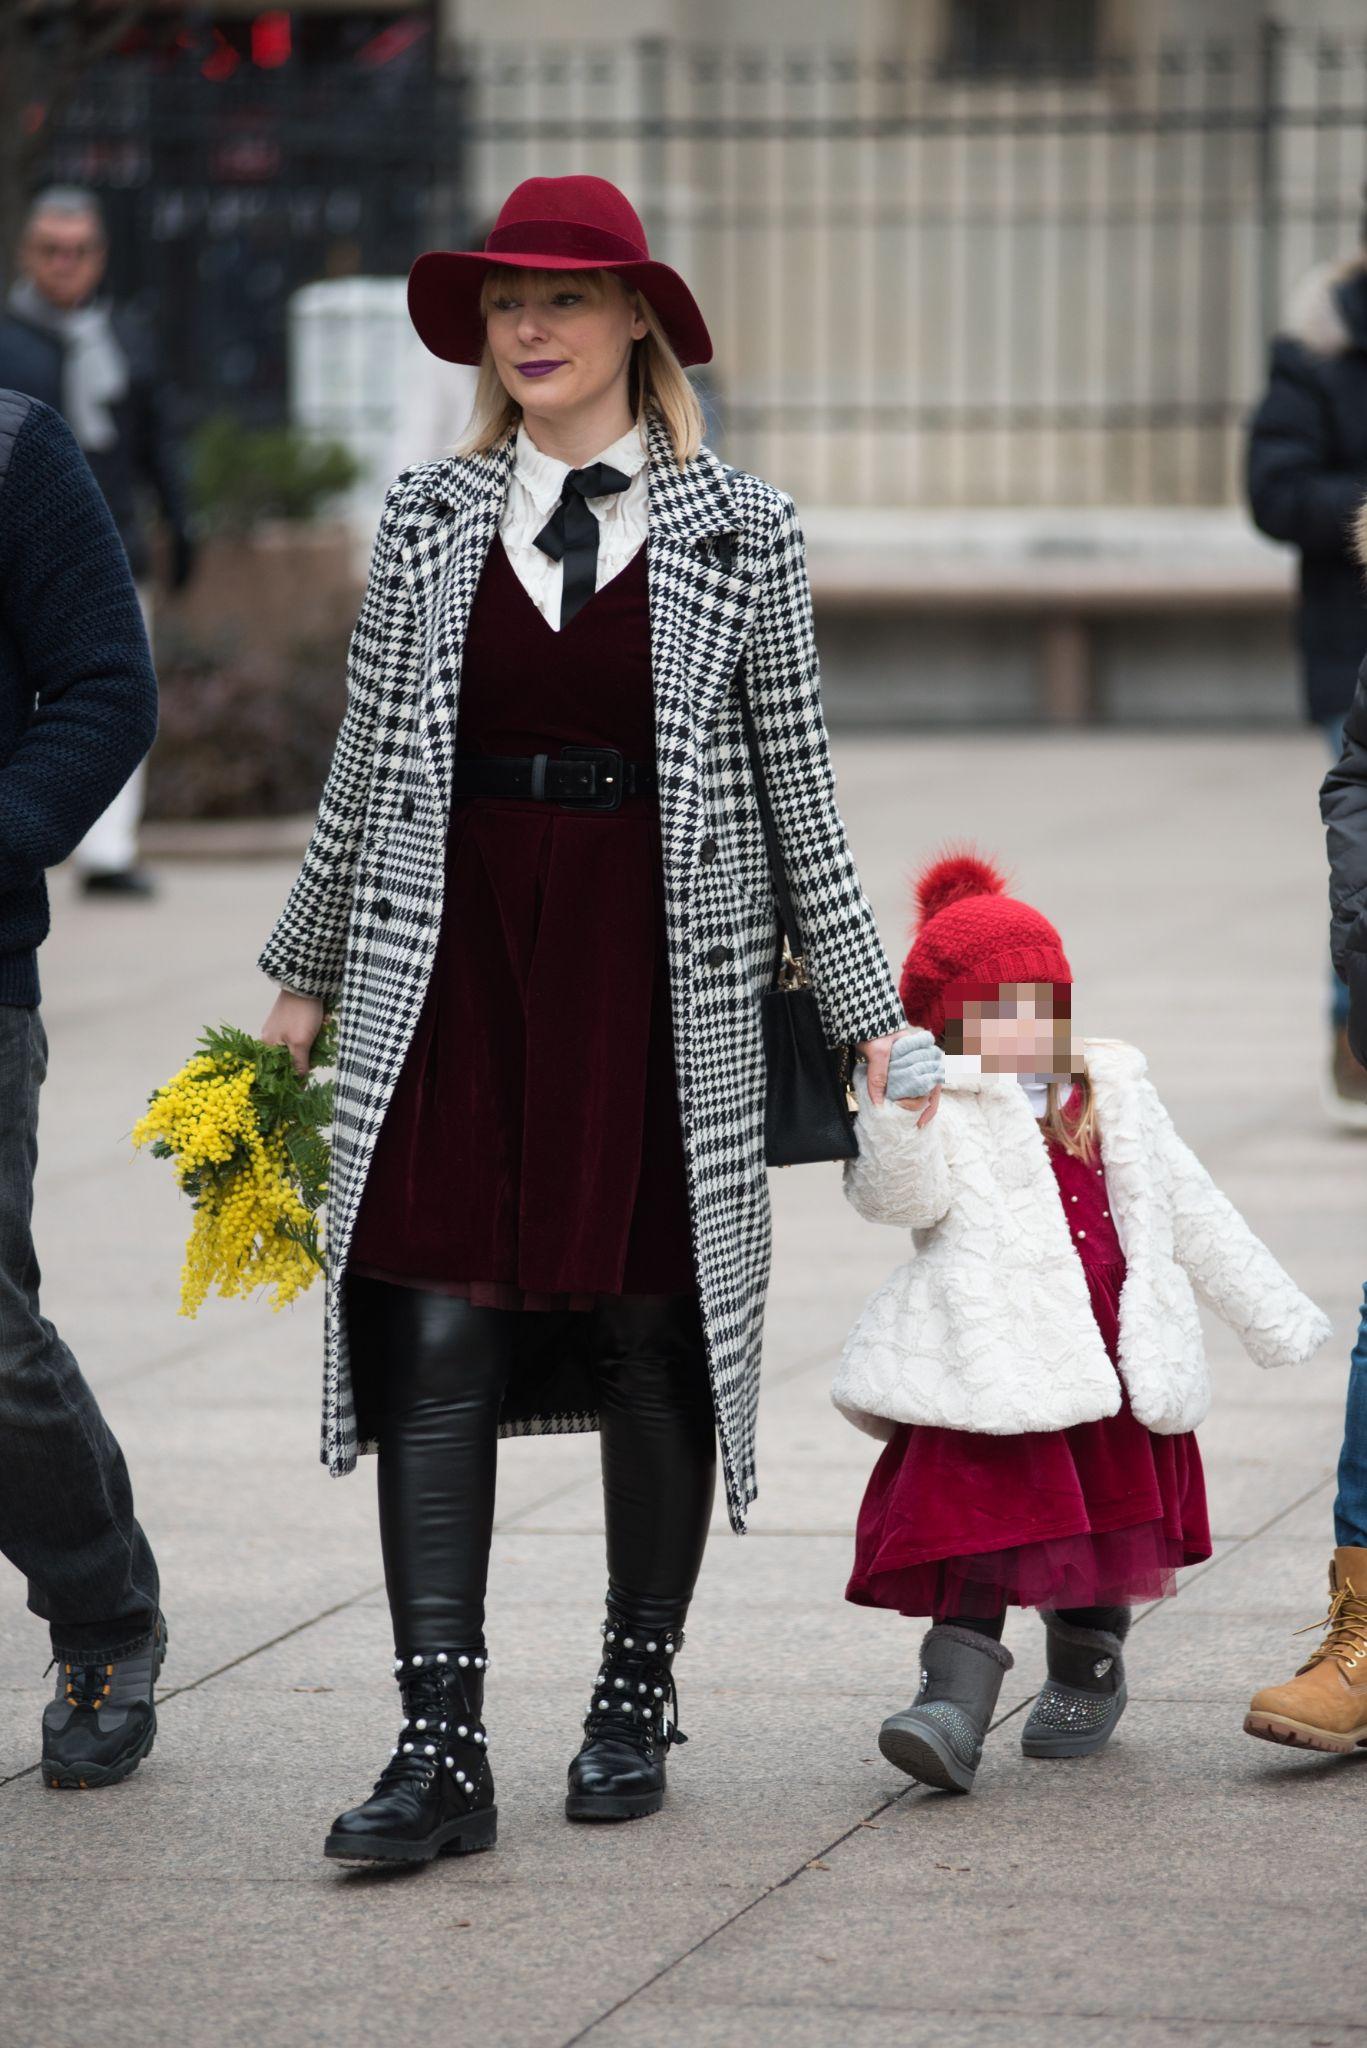 Zgodna mama sa zagrebačke špice pokazala odličnu kombinaciju, a ima i čizme koje trendseterice obožavaju!